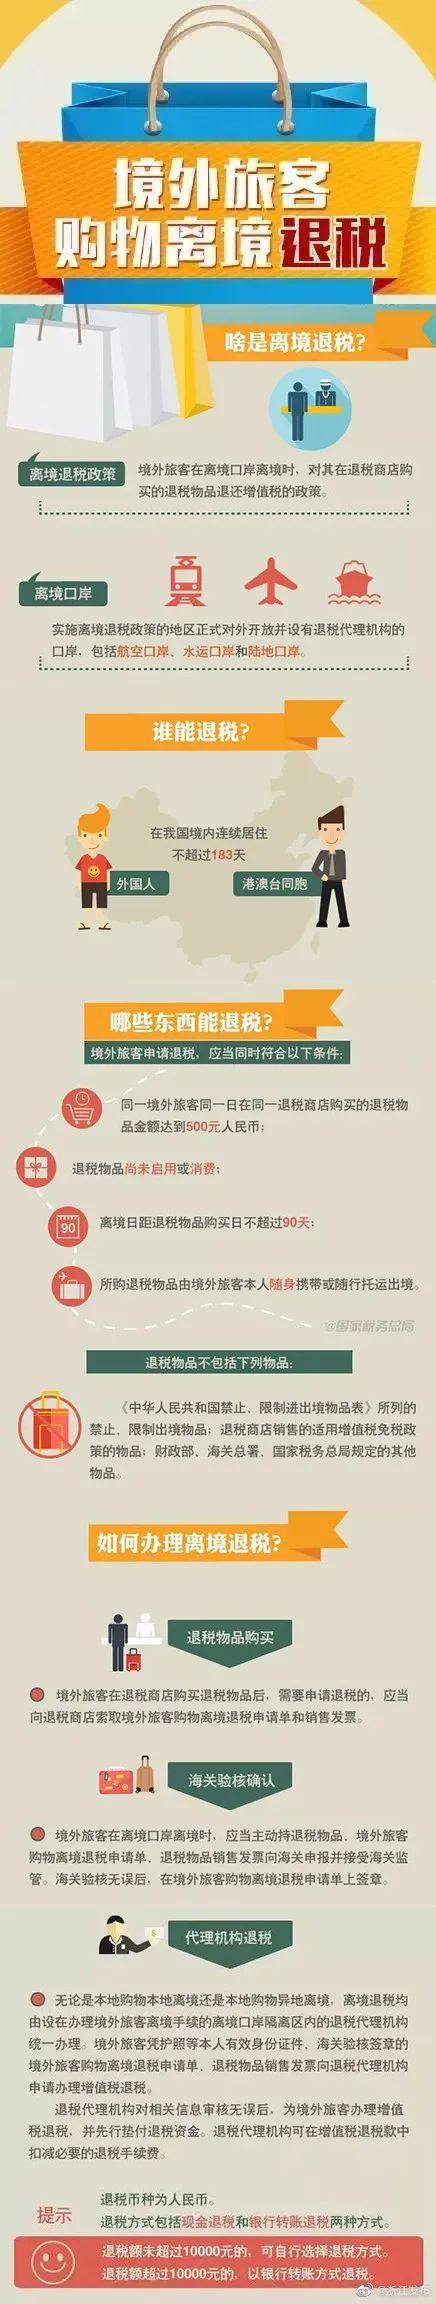 12月1日起,杭州这些新规将正式实施图3